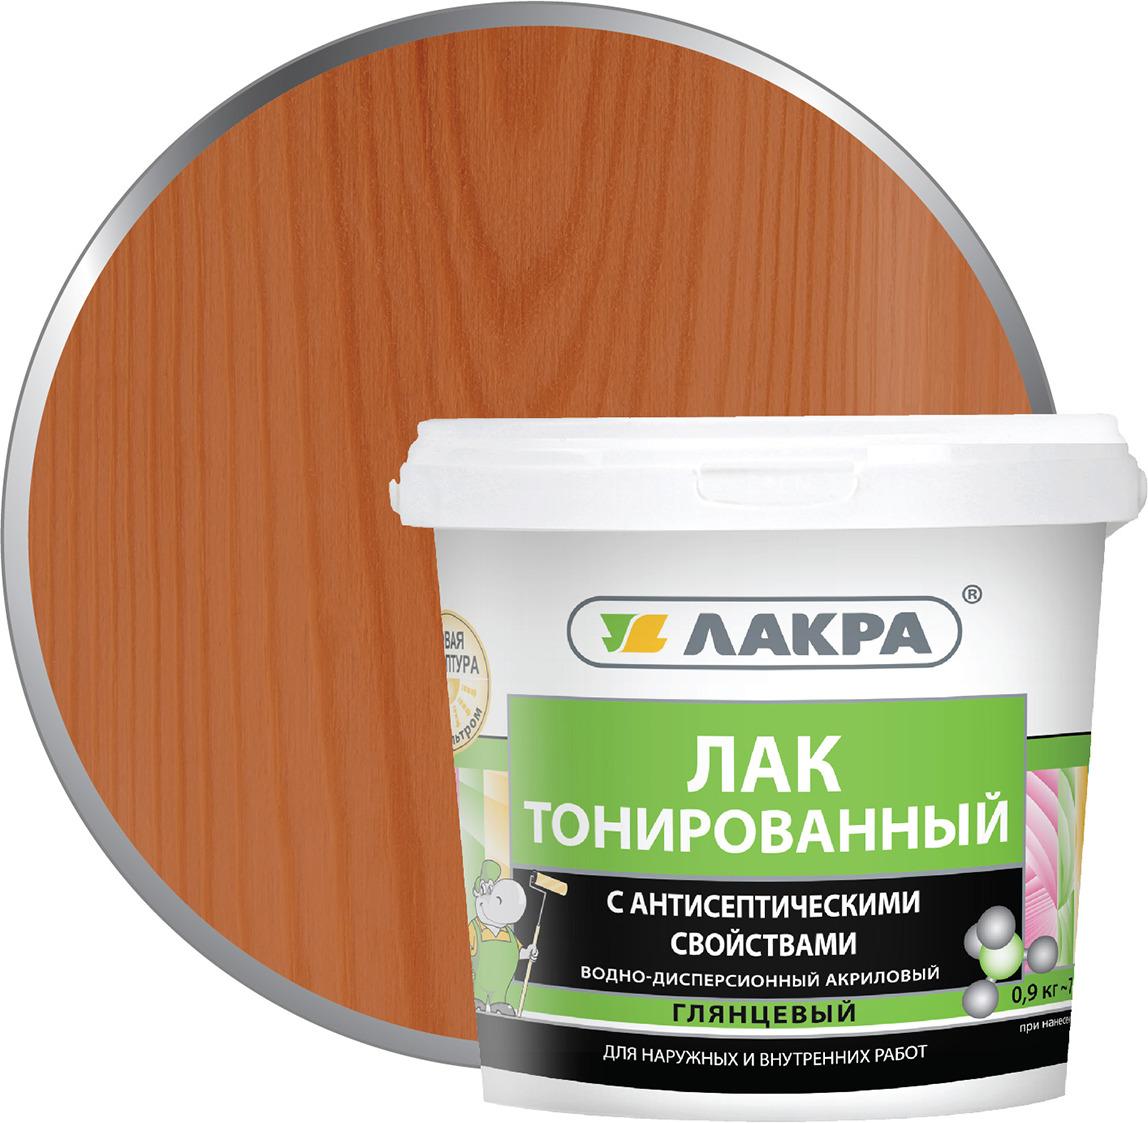 Лак Лакра, водно-дисперсионный, тонированный, 4603292005713, орех, 0.9 кг добавка противоморозная лакра в бетон 5л